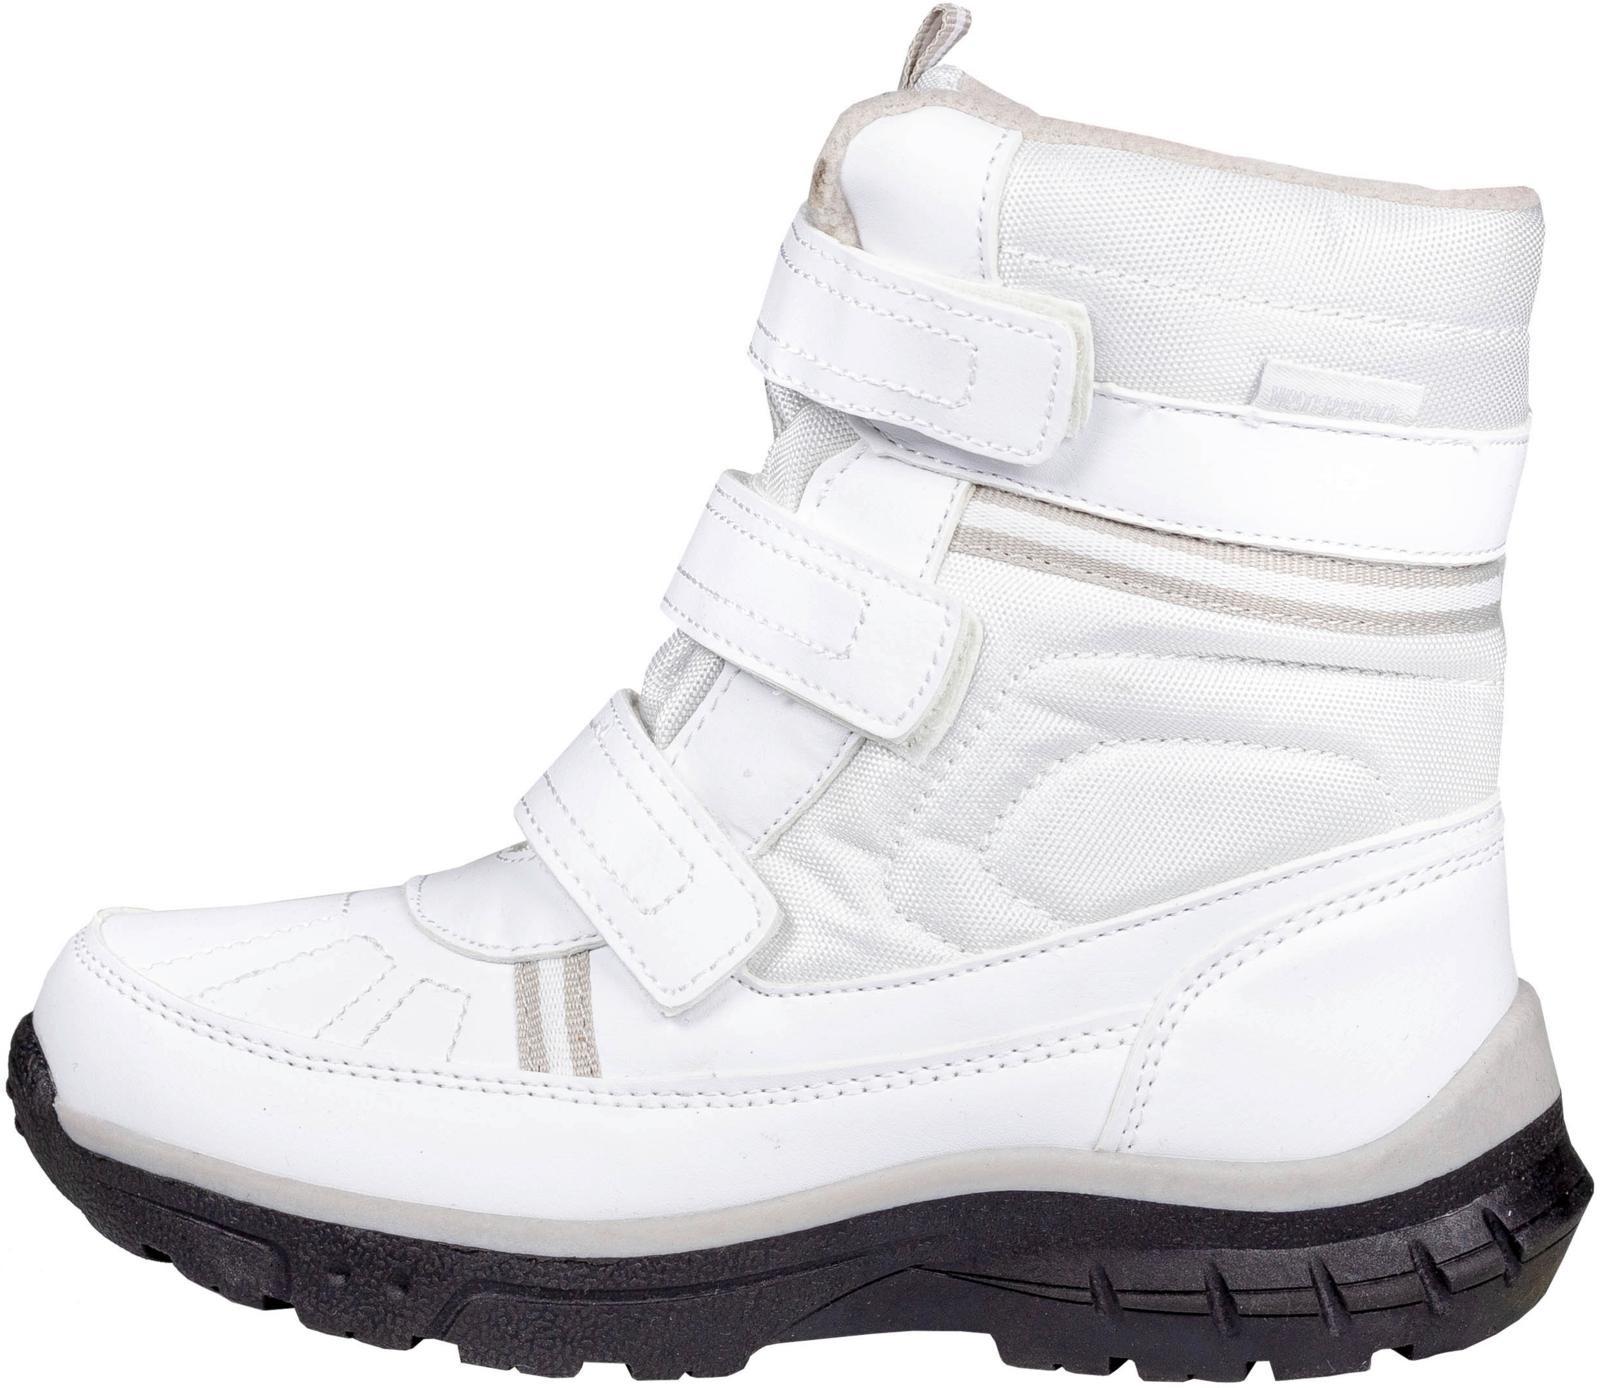 Miten valita lapselle hyvät ja oikeankokoiset kengät?